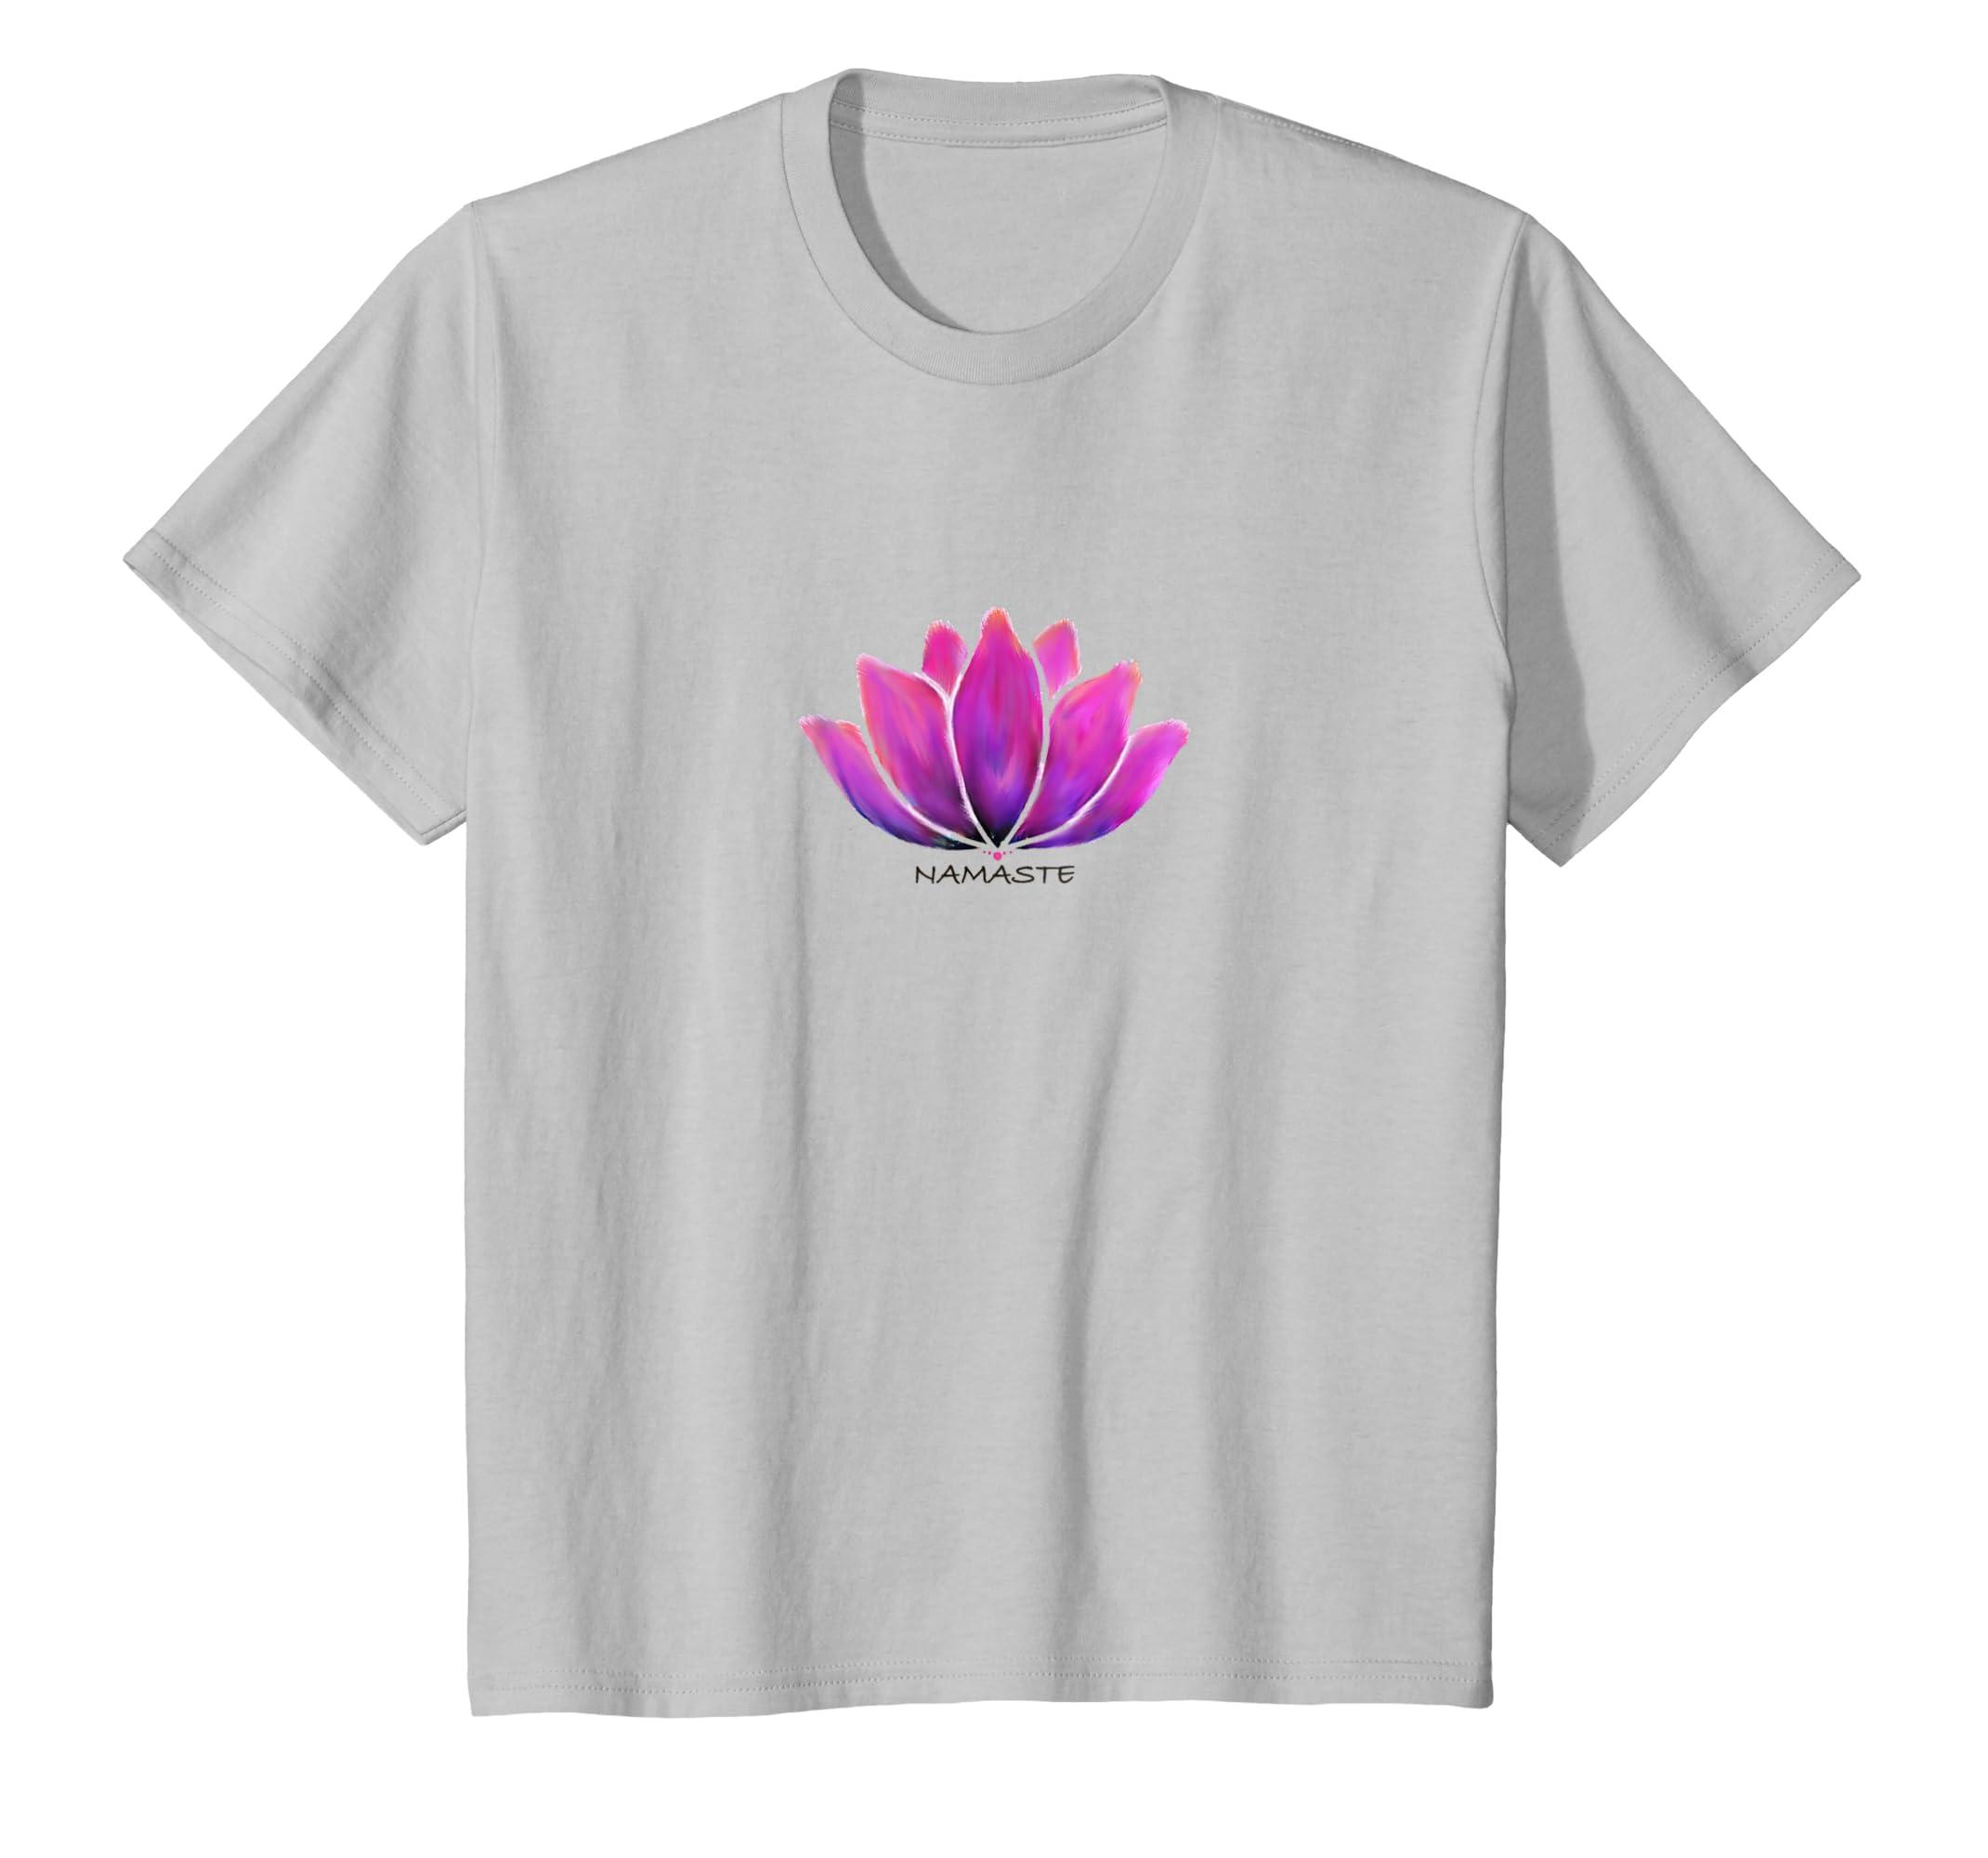 Amazon Lotus Flower Namaste Yoga Shirt Clothing